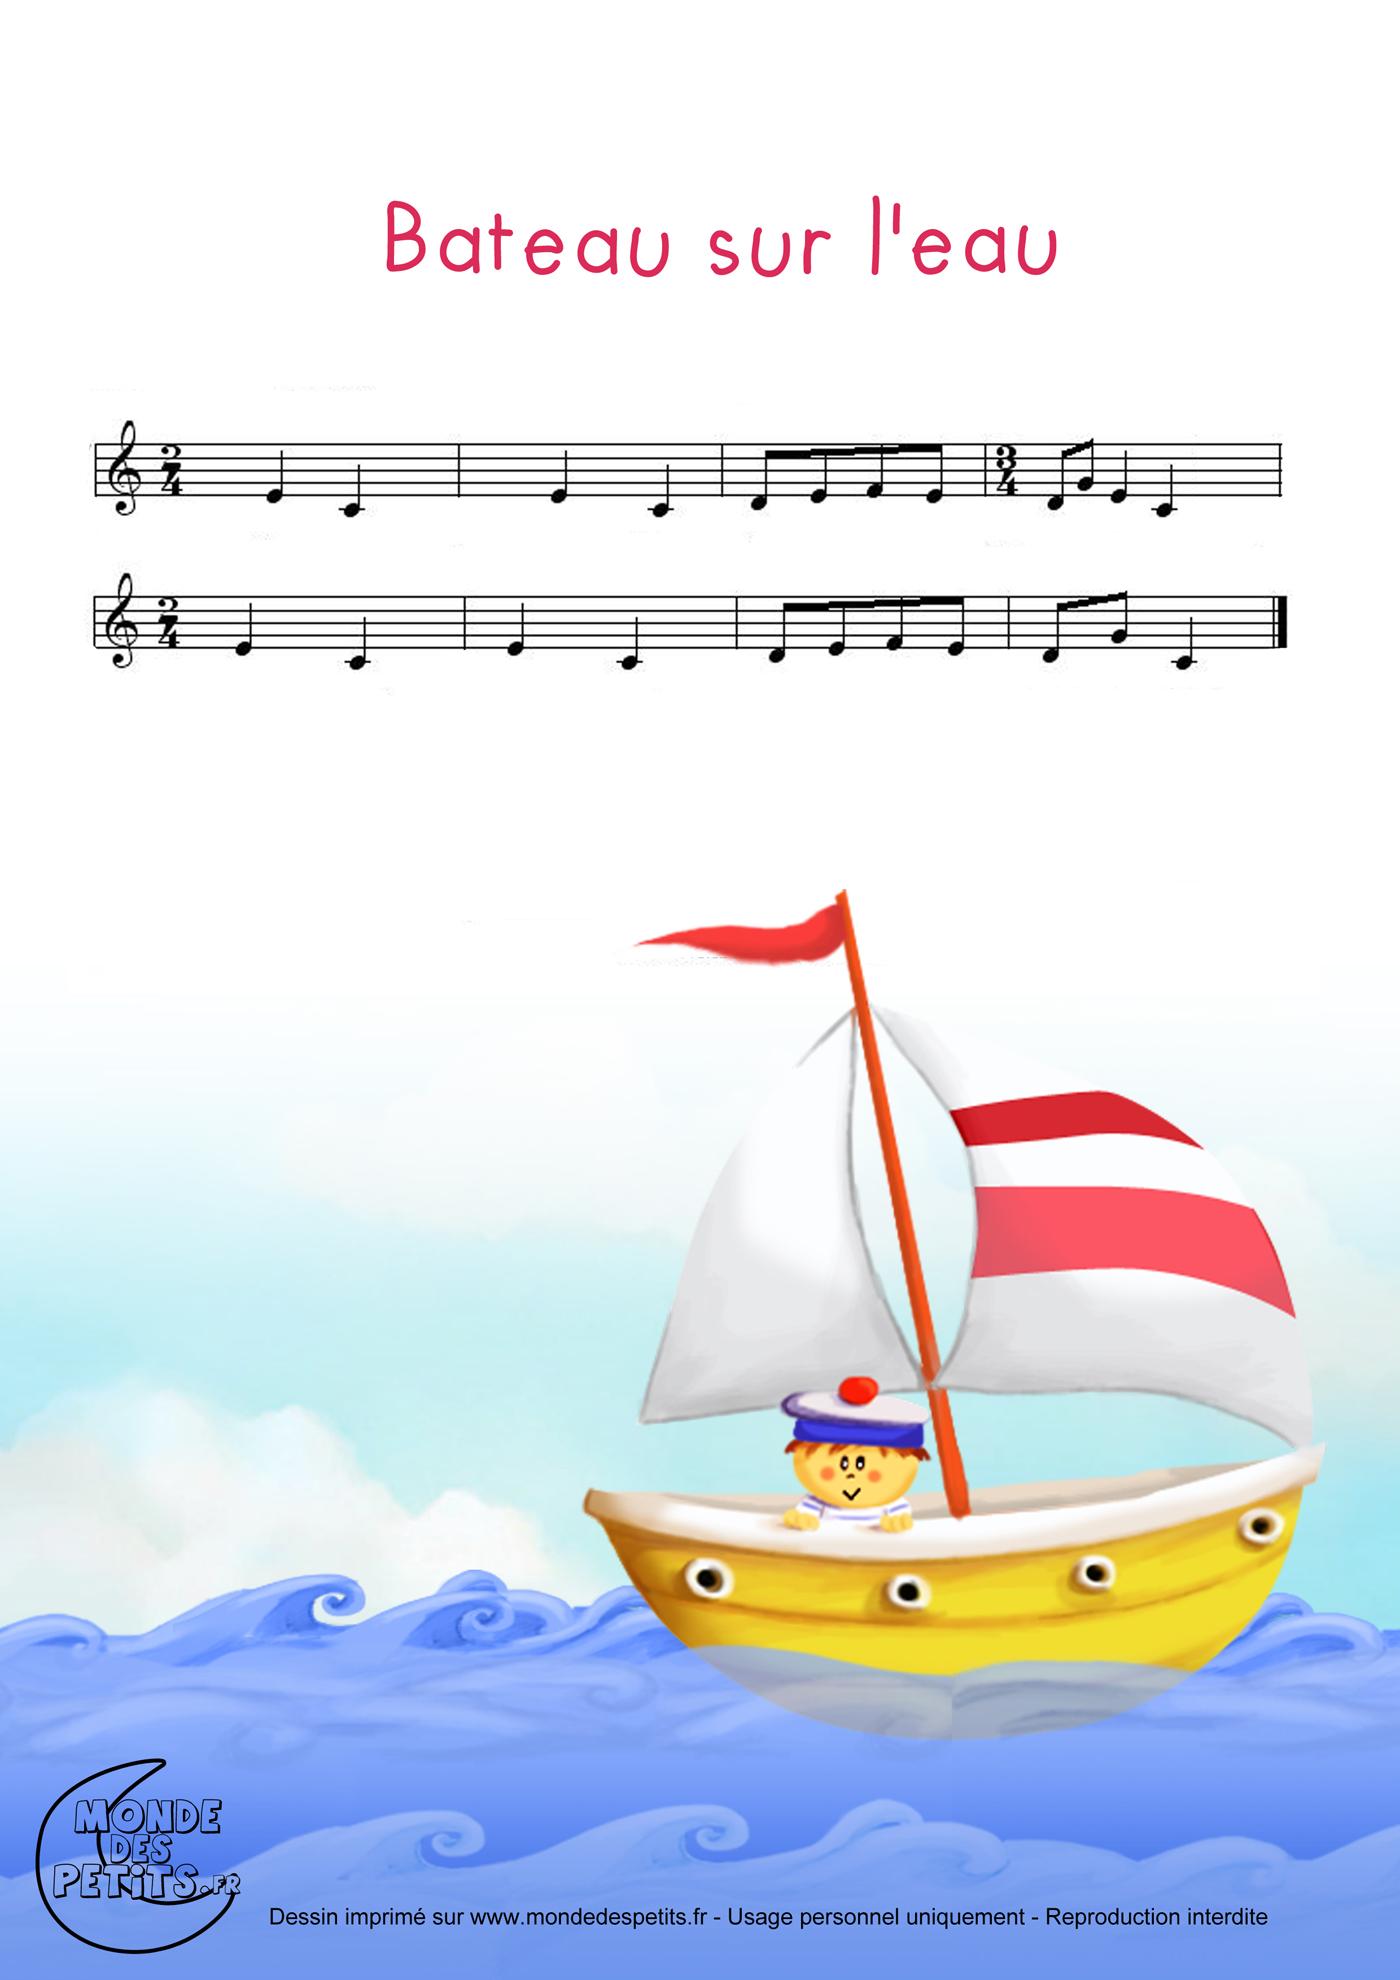 bateau sur l'eau paroles